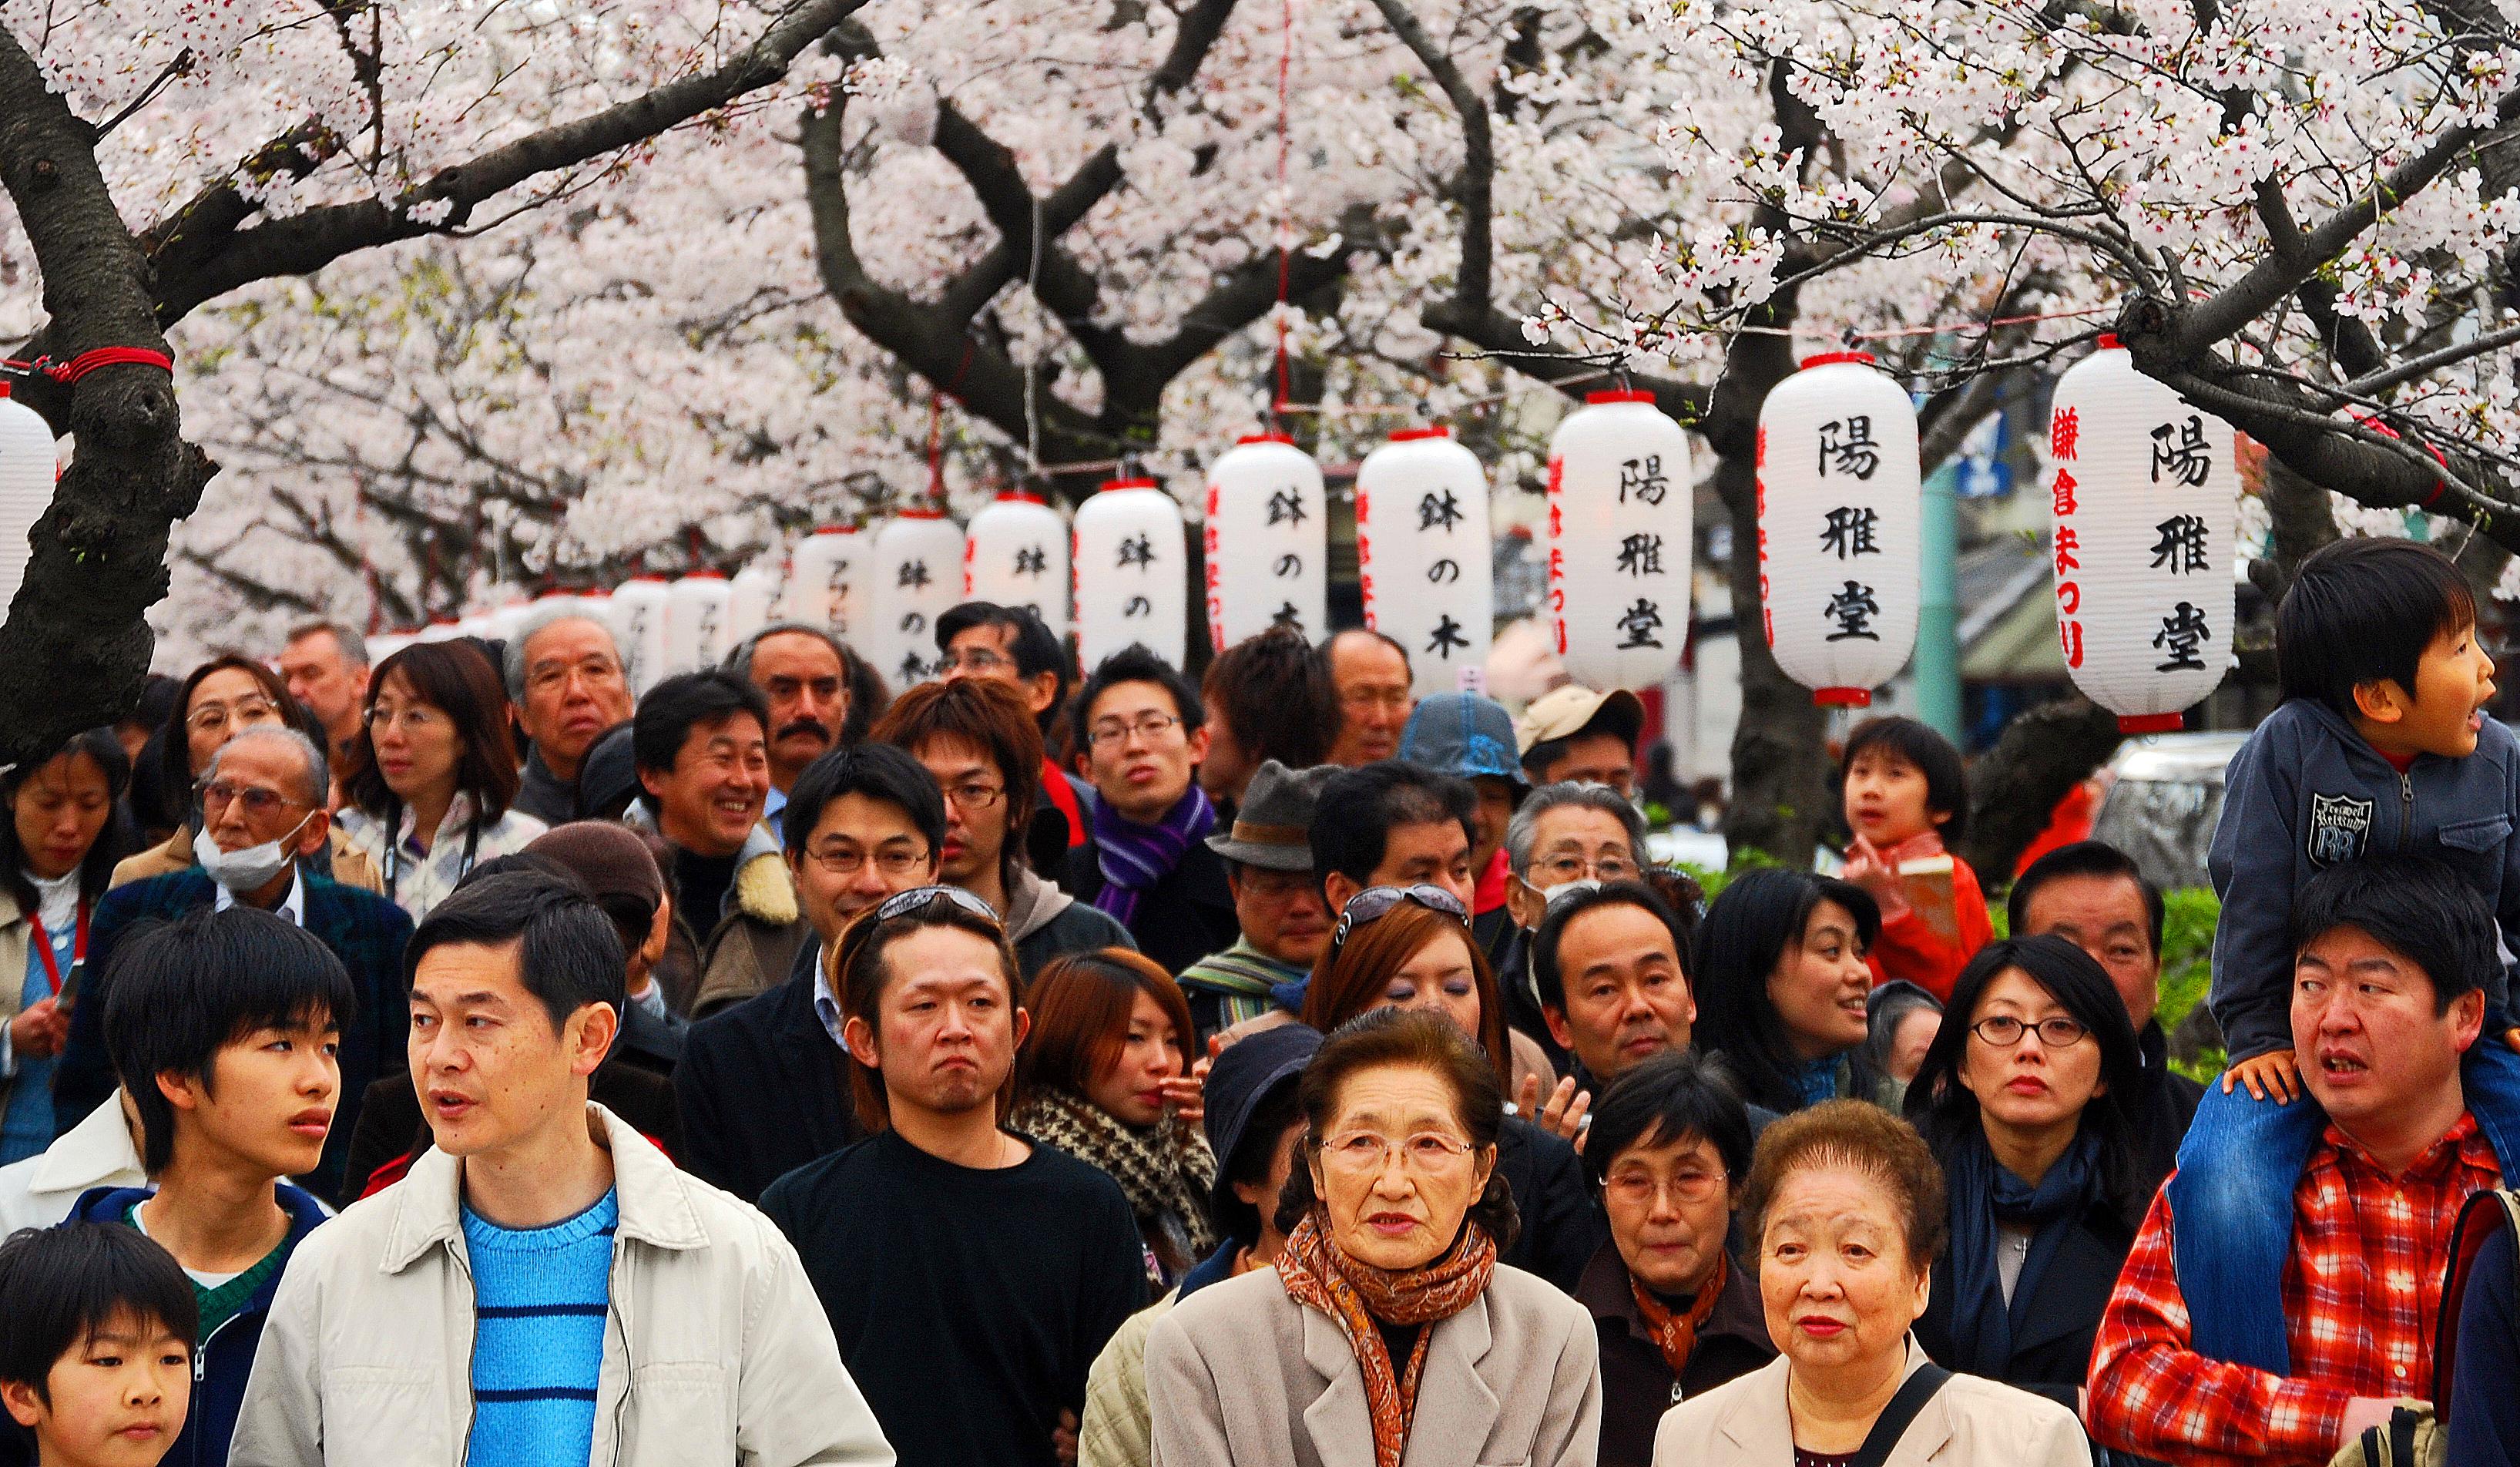 Japan blossom scene